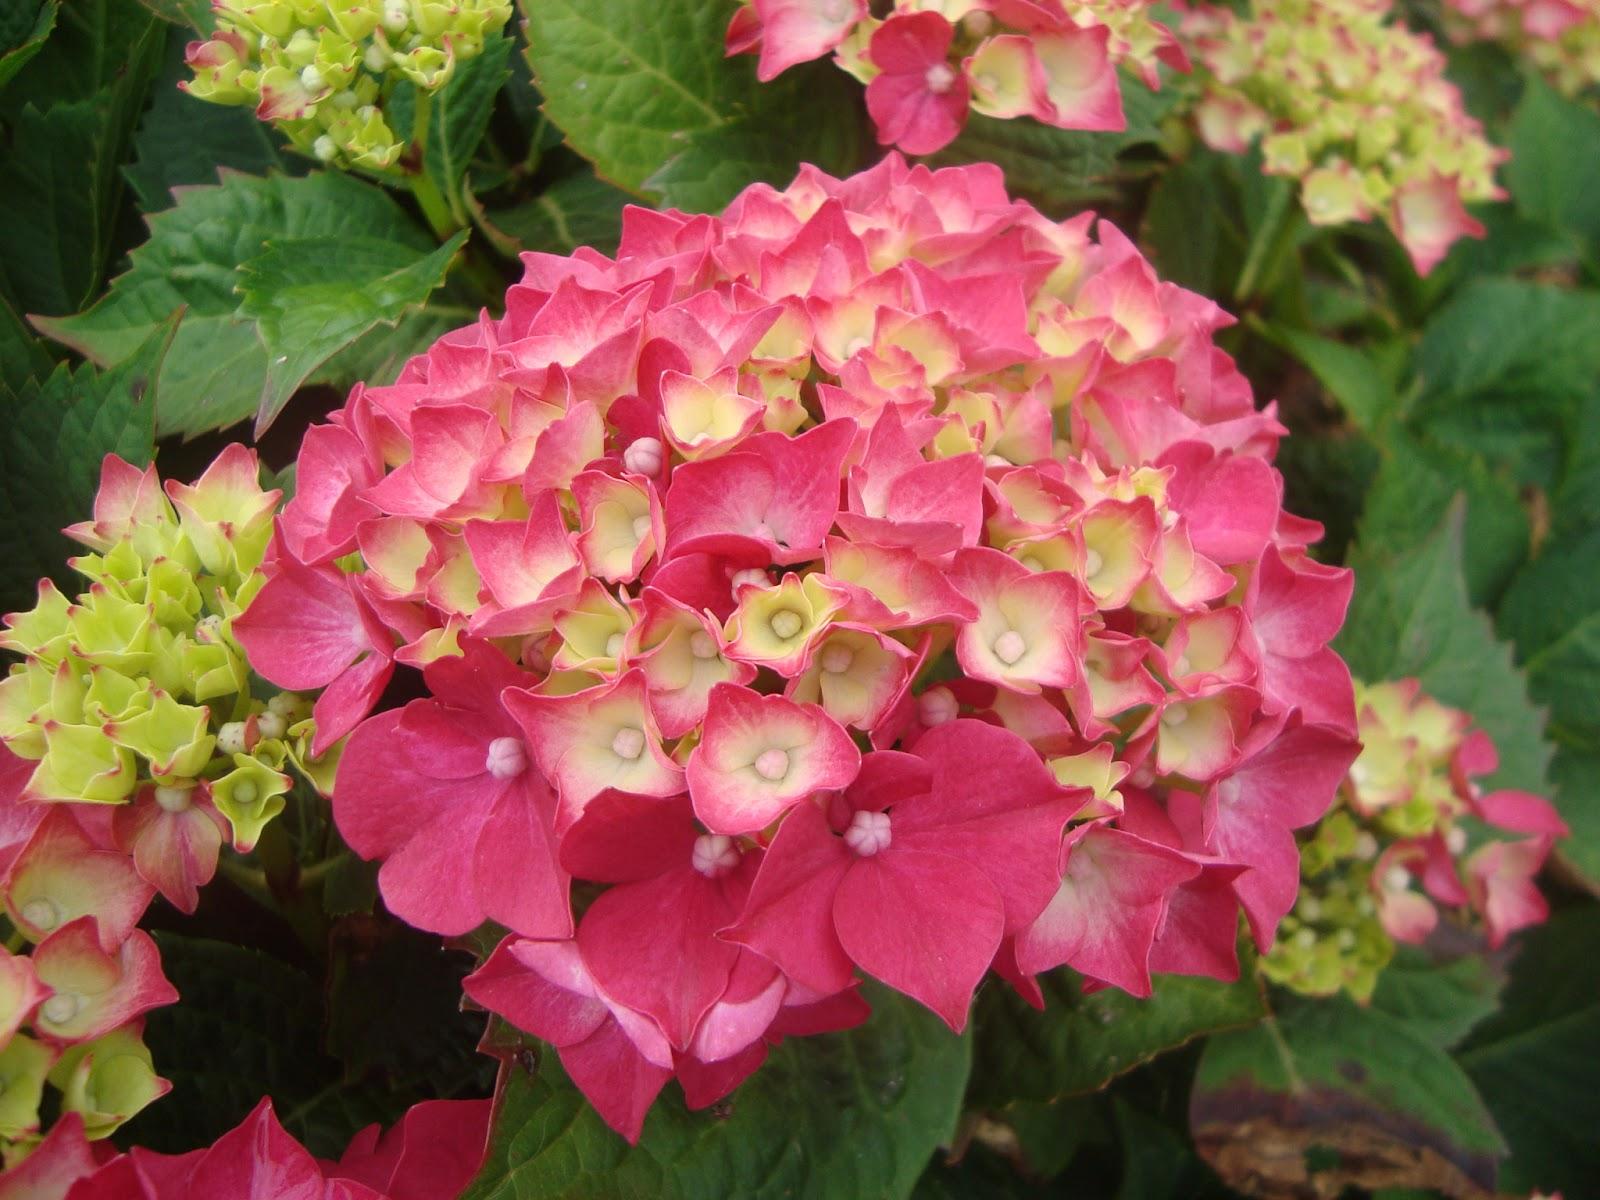 Floresamatxo todo sobre las flores consejos para cuidar - Cuidado de las hortensias ...